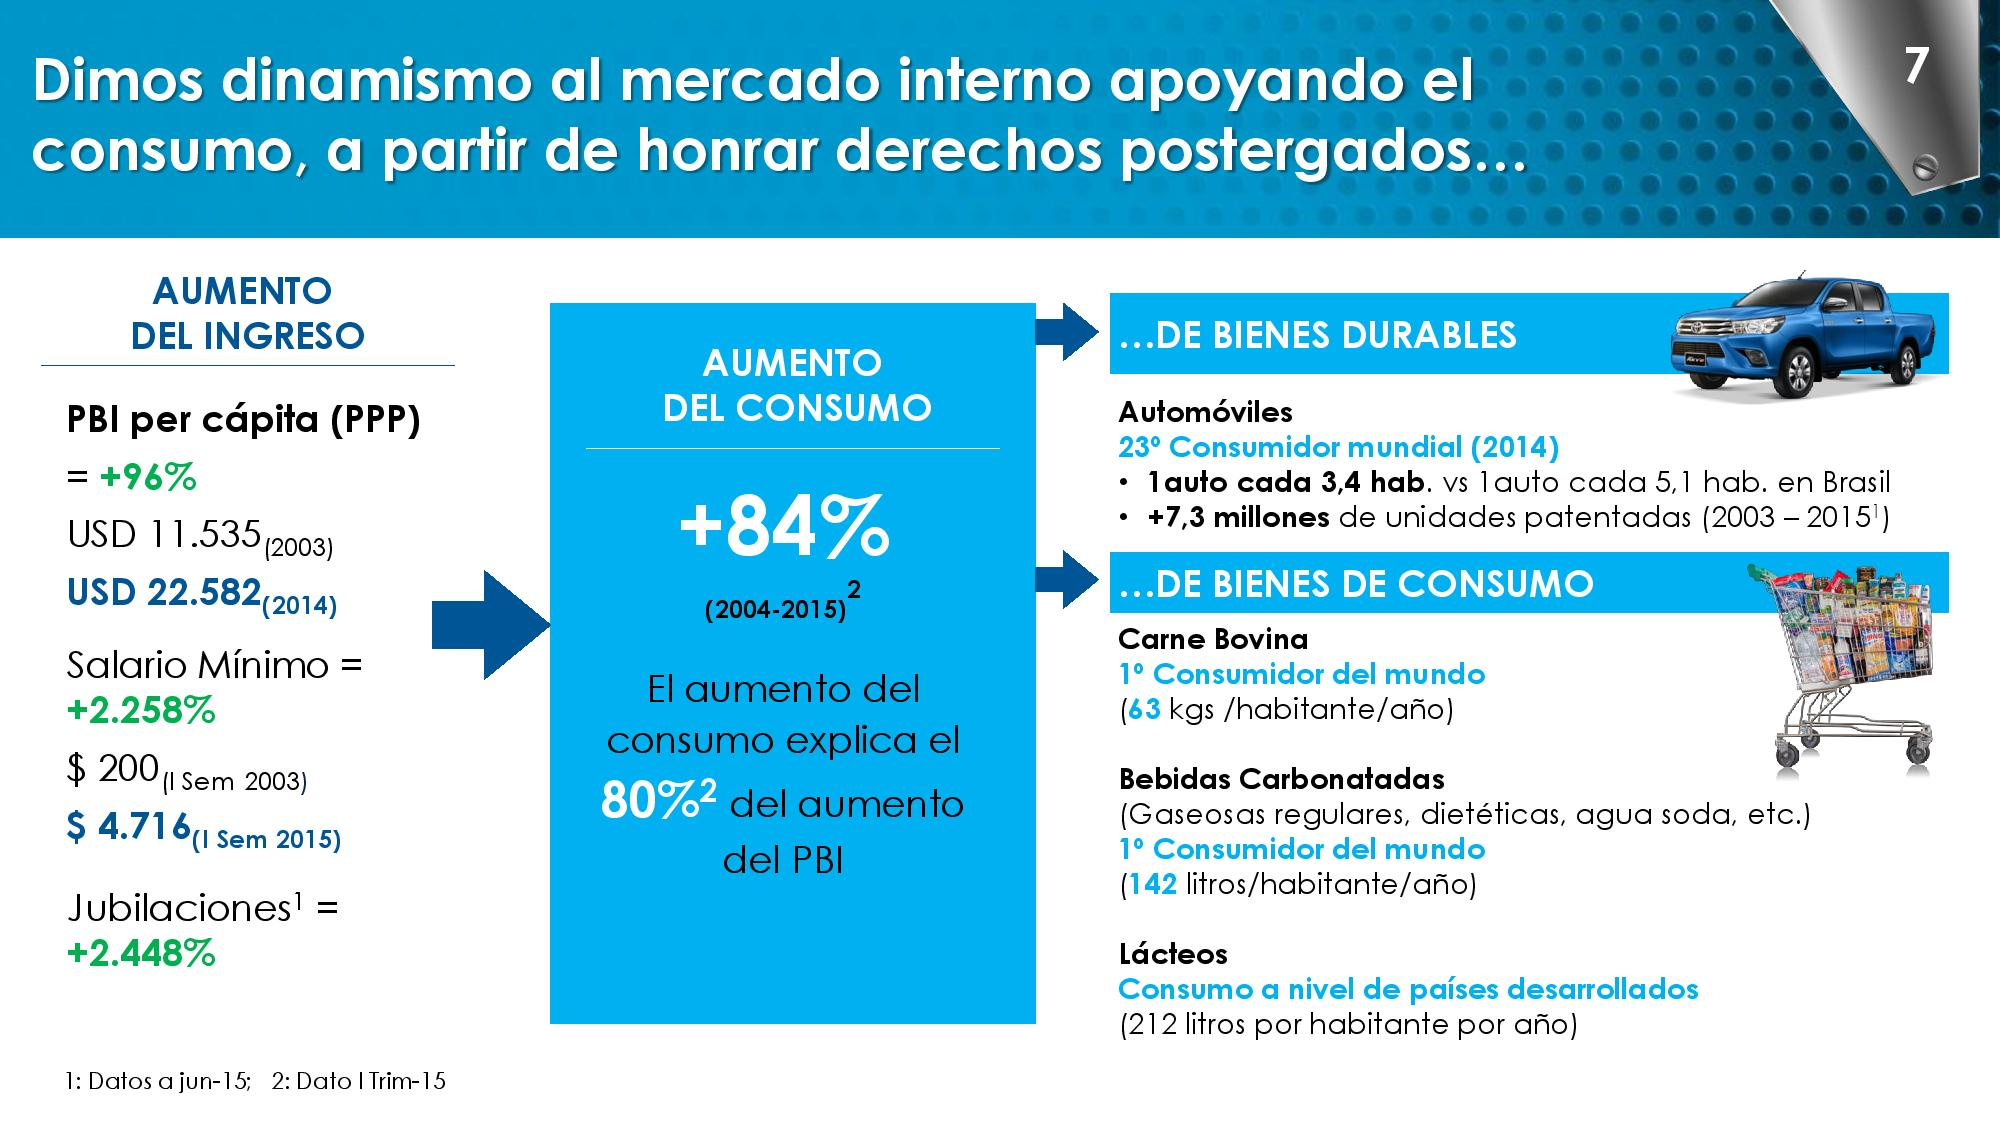 DG CFK Dia de la Industria v4-page-007